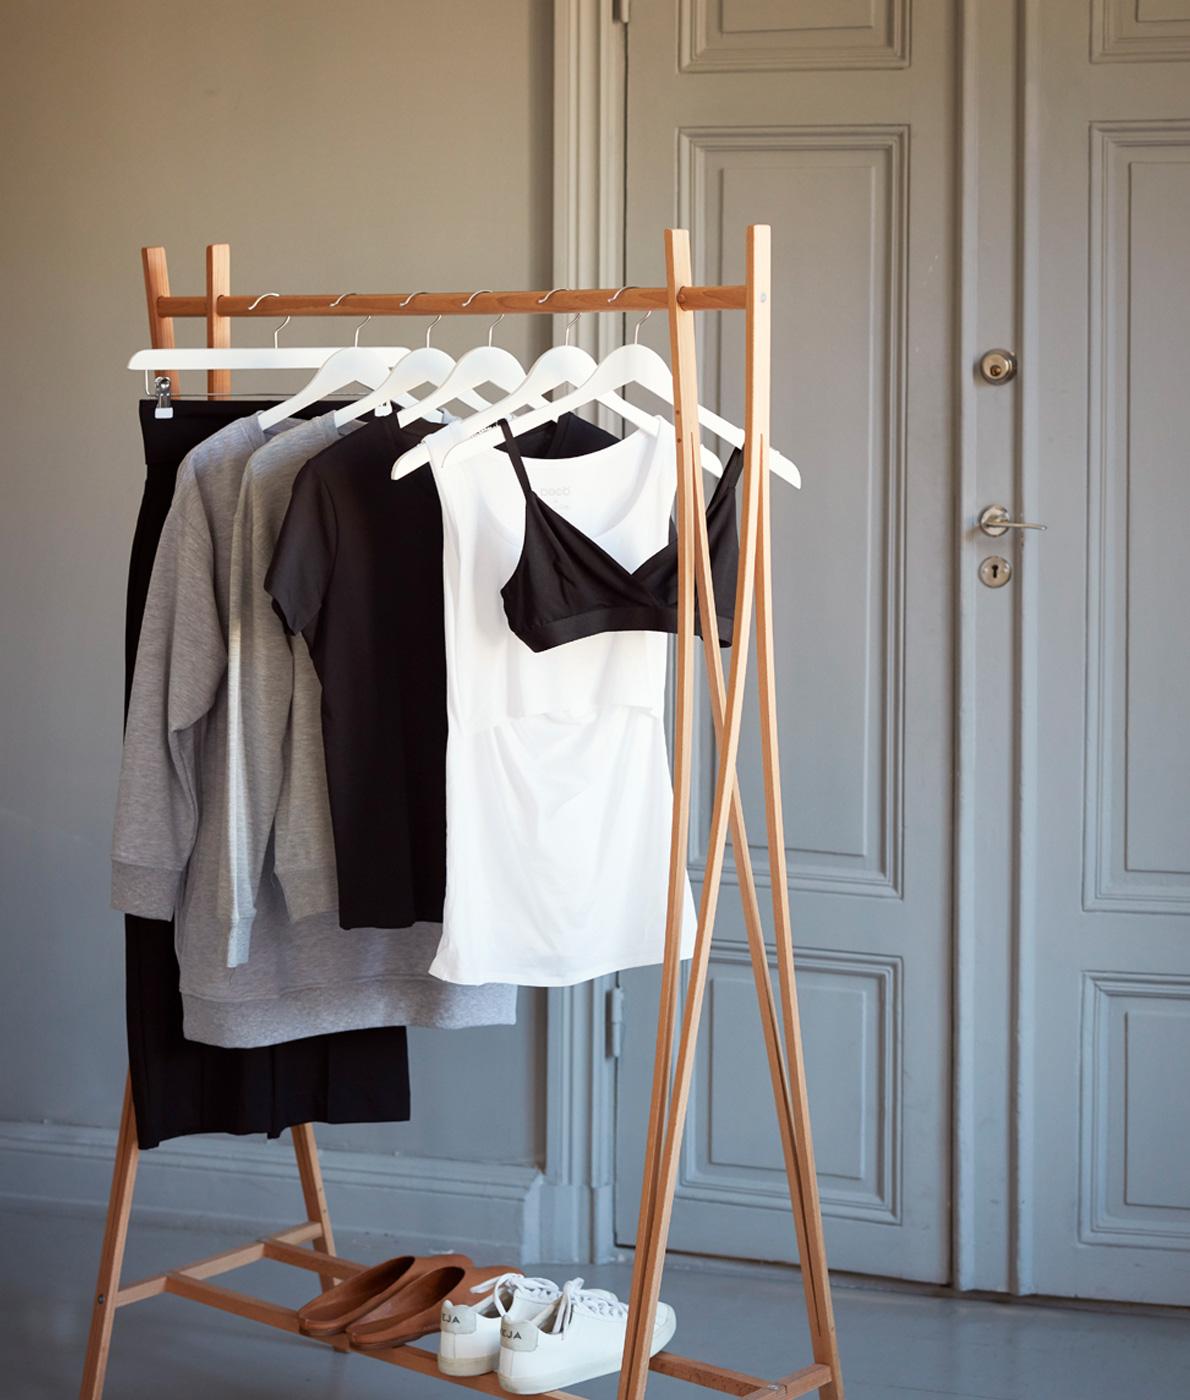 Länge leve dina kläder